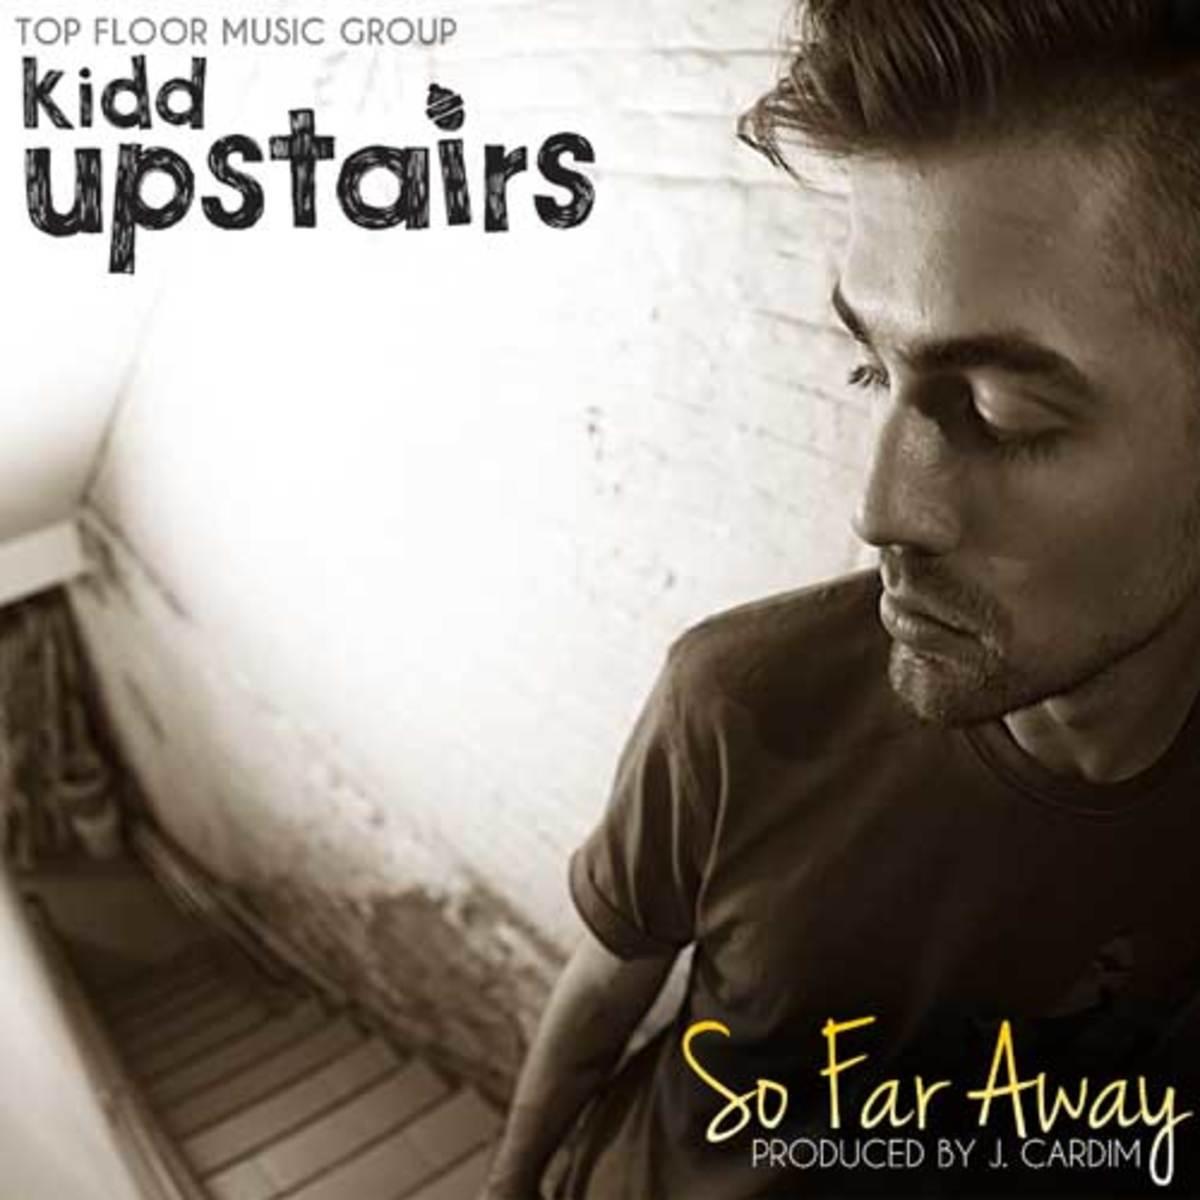 kiddupstairs-sofaraway.jpg